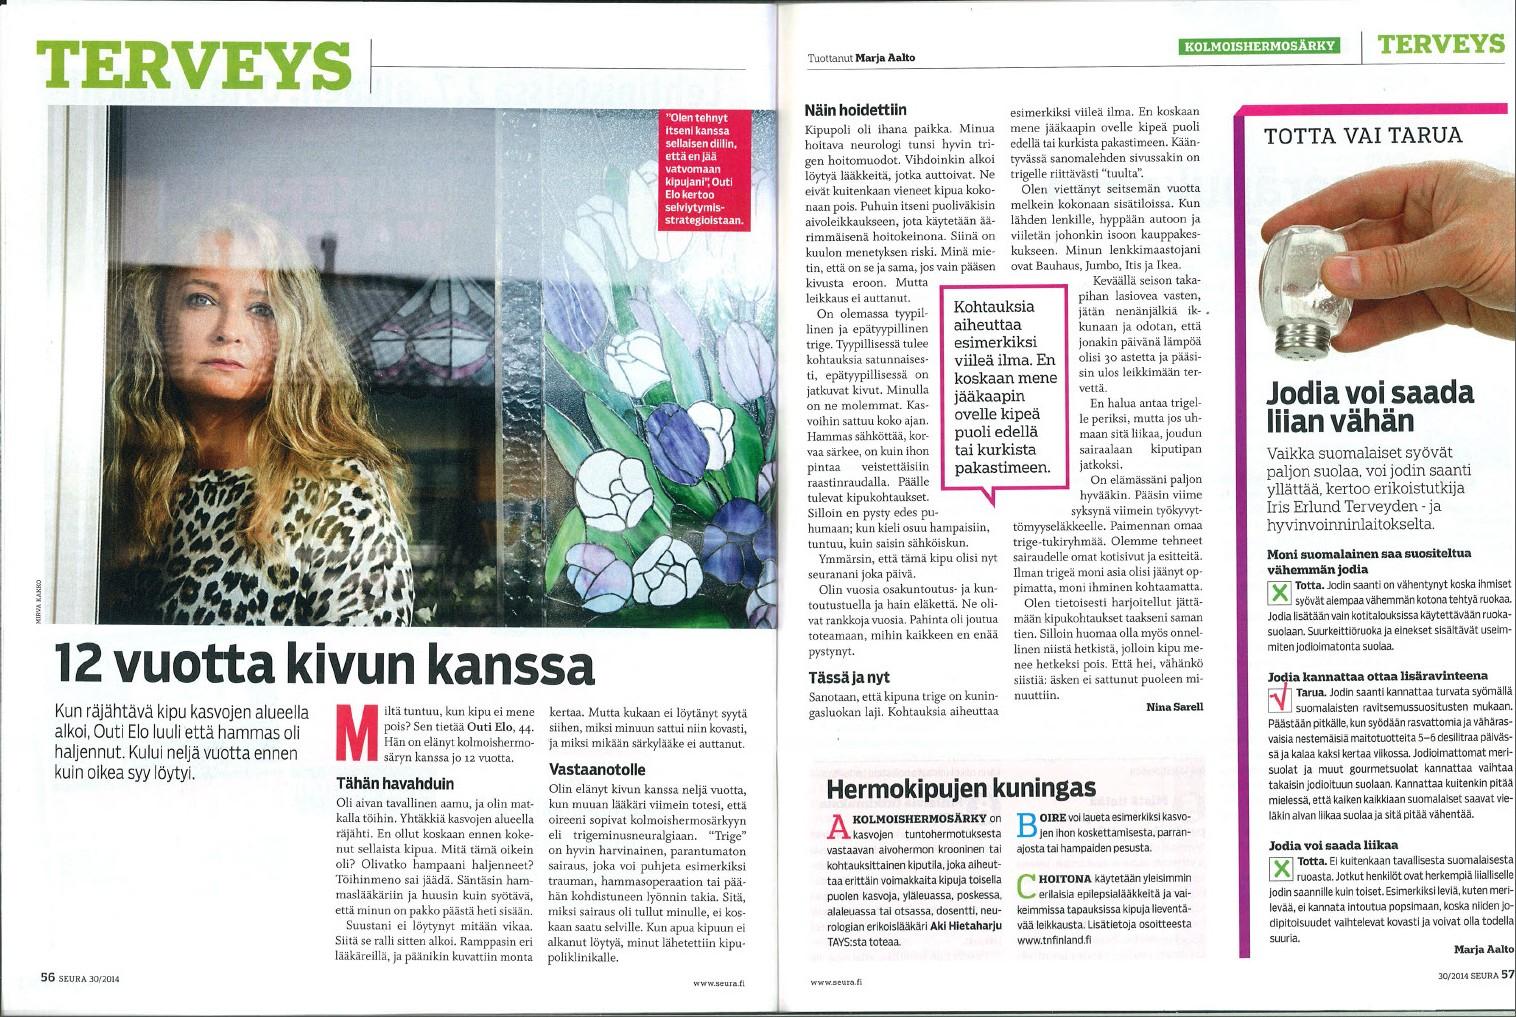 Seura nro 30, 24.7.2014  12 vuotta kivun kanssa  Teksti: Nina Sarell  Kuva: Mirva Kakko